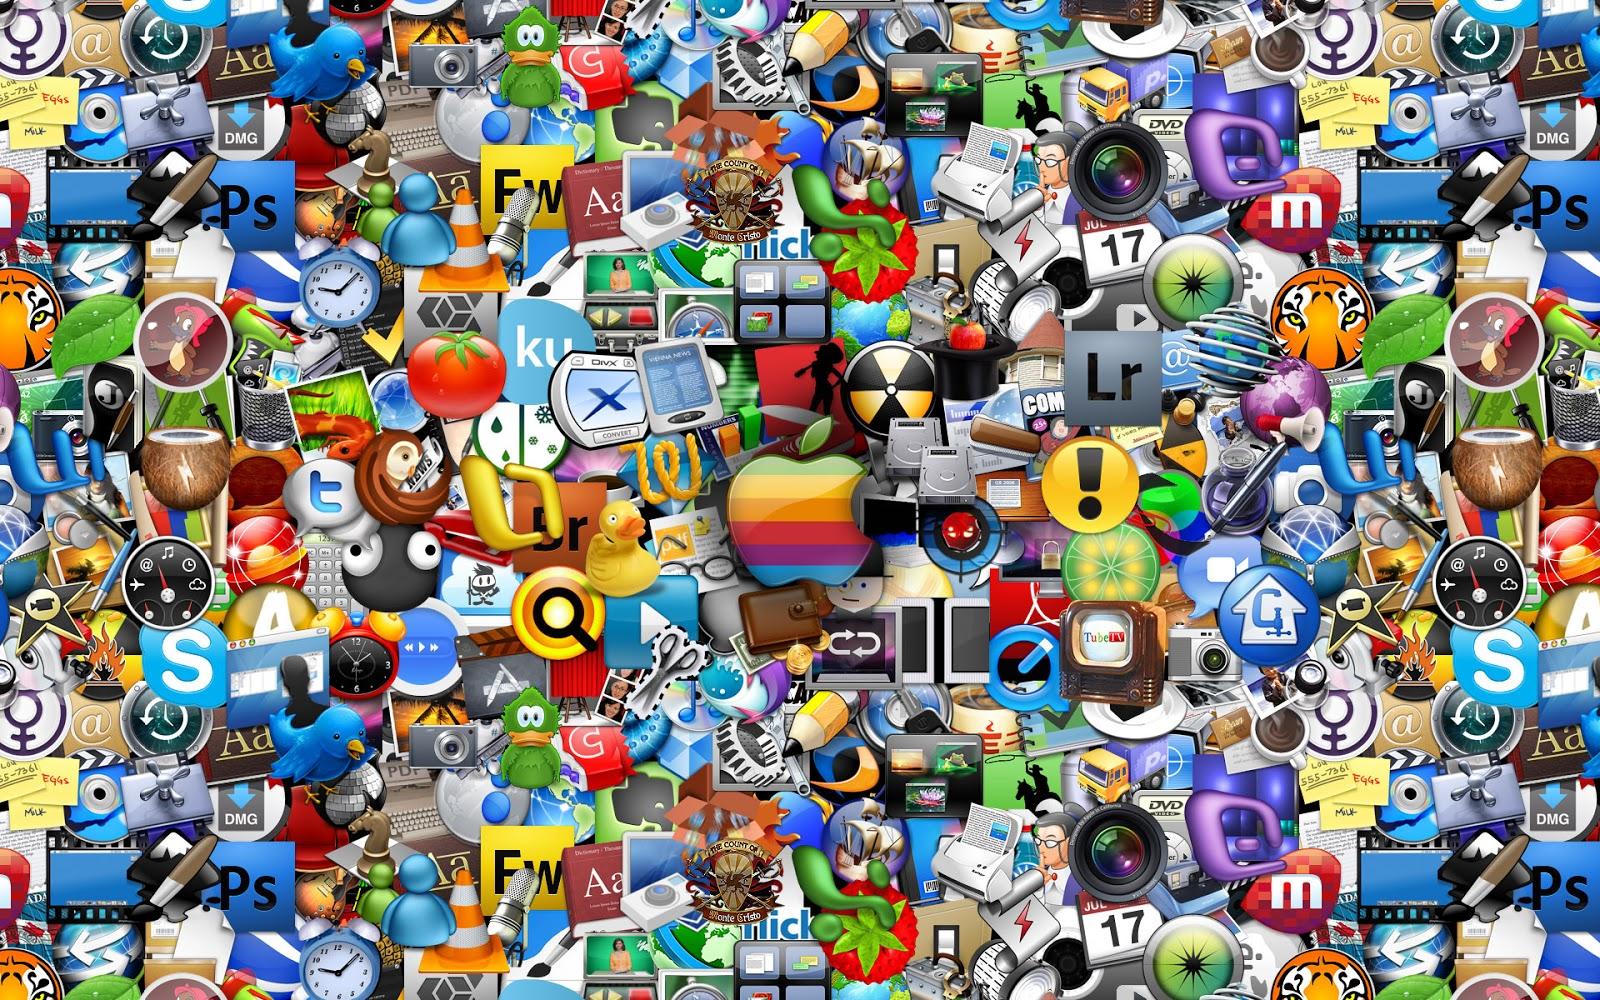 Fondos De Pantalla De Famosos: Imagenes Hilandy: Fondo De Pantalla Abstracto Icono Marcas